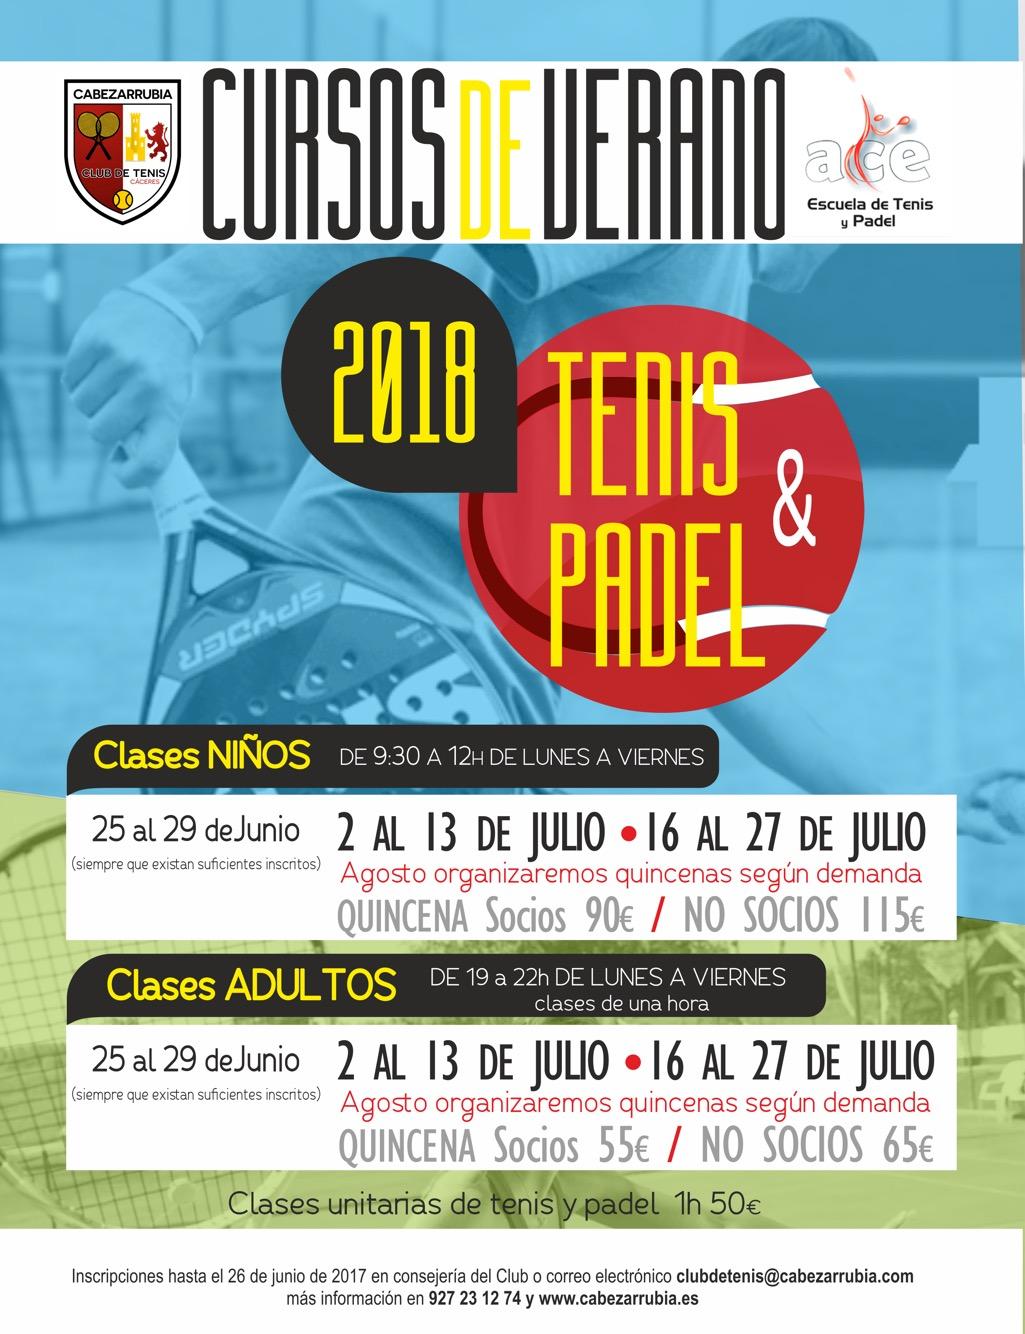 52ef47f9aec Tenis y Pádel archivos - Club de Tenis Cabezarrubia